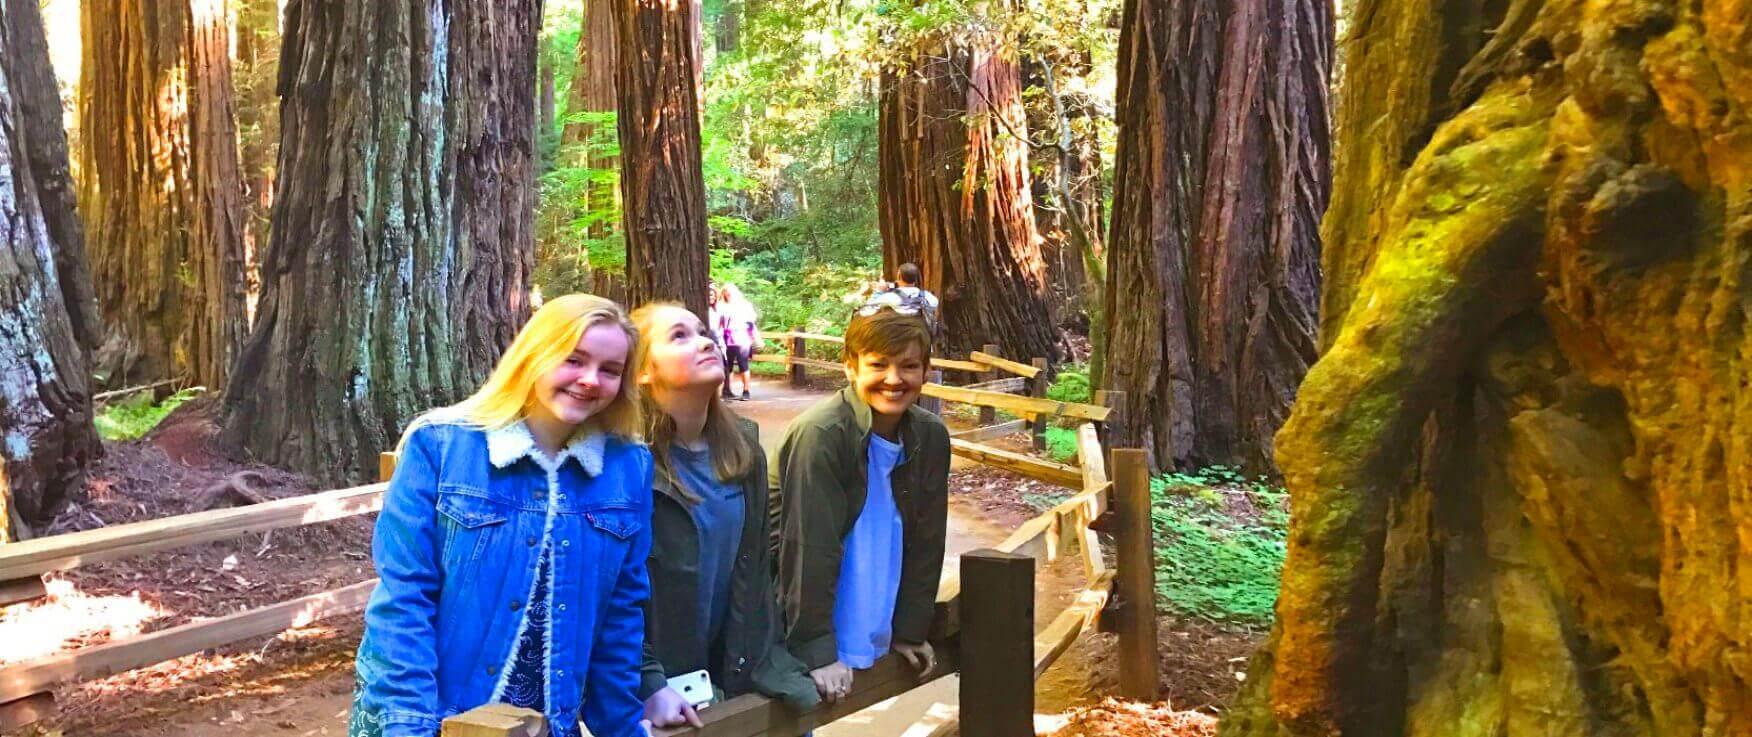 tour-durch-den-redwood-national-park-mit-riesenmammutbaumen-von-san-francisco